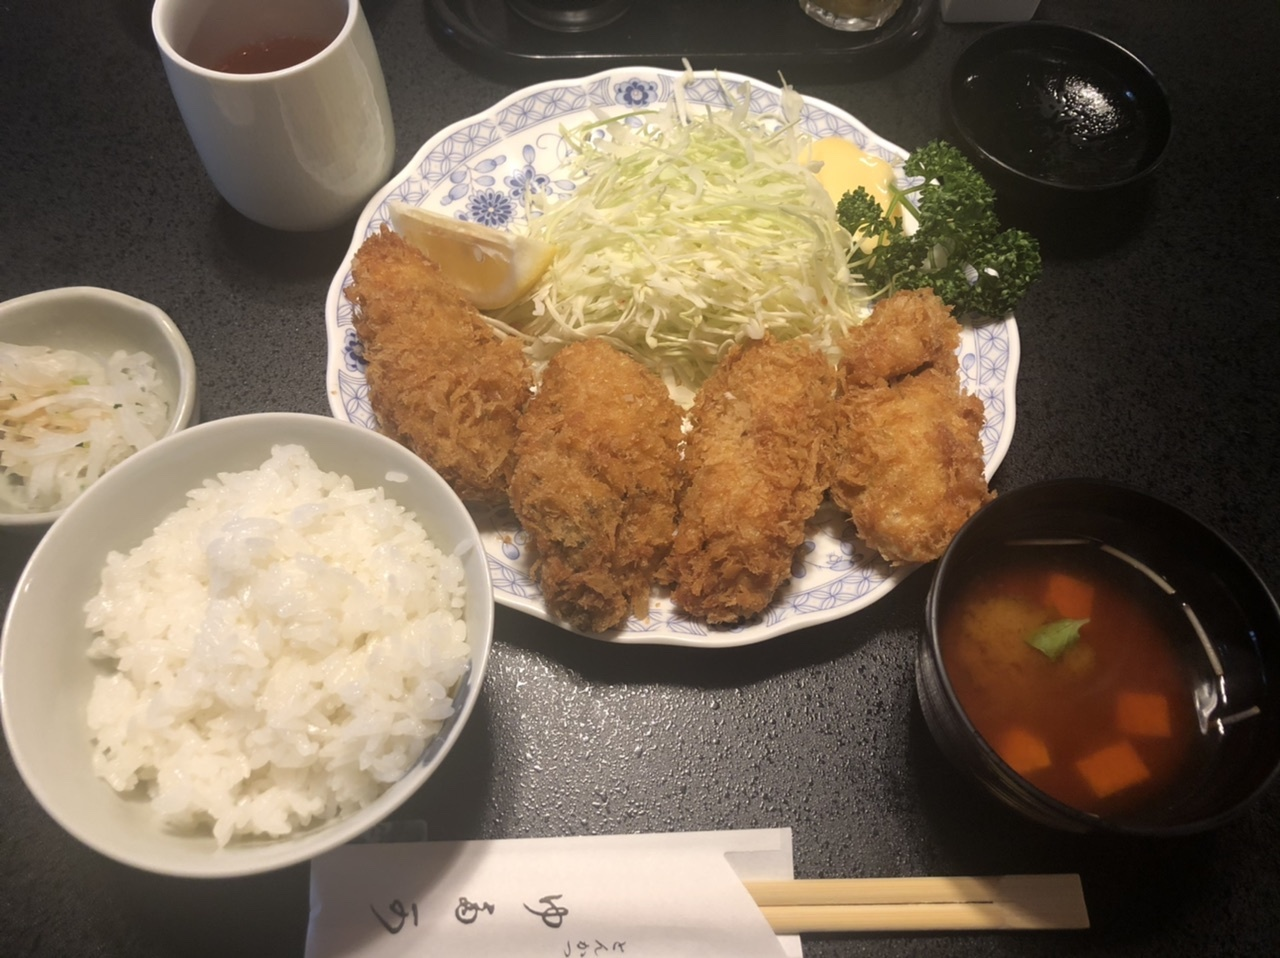 浅草 とんかつ『ゆたか』の牡蠣フライ定食